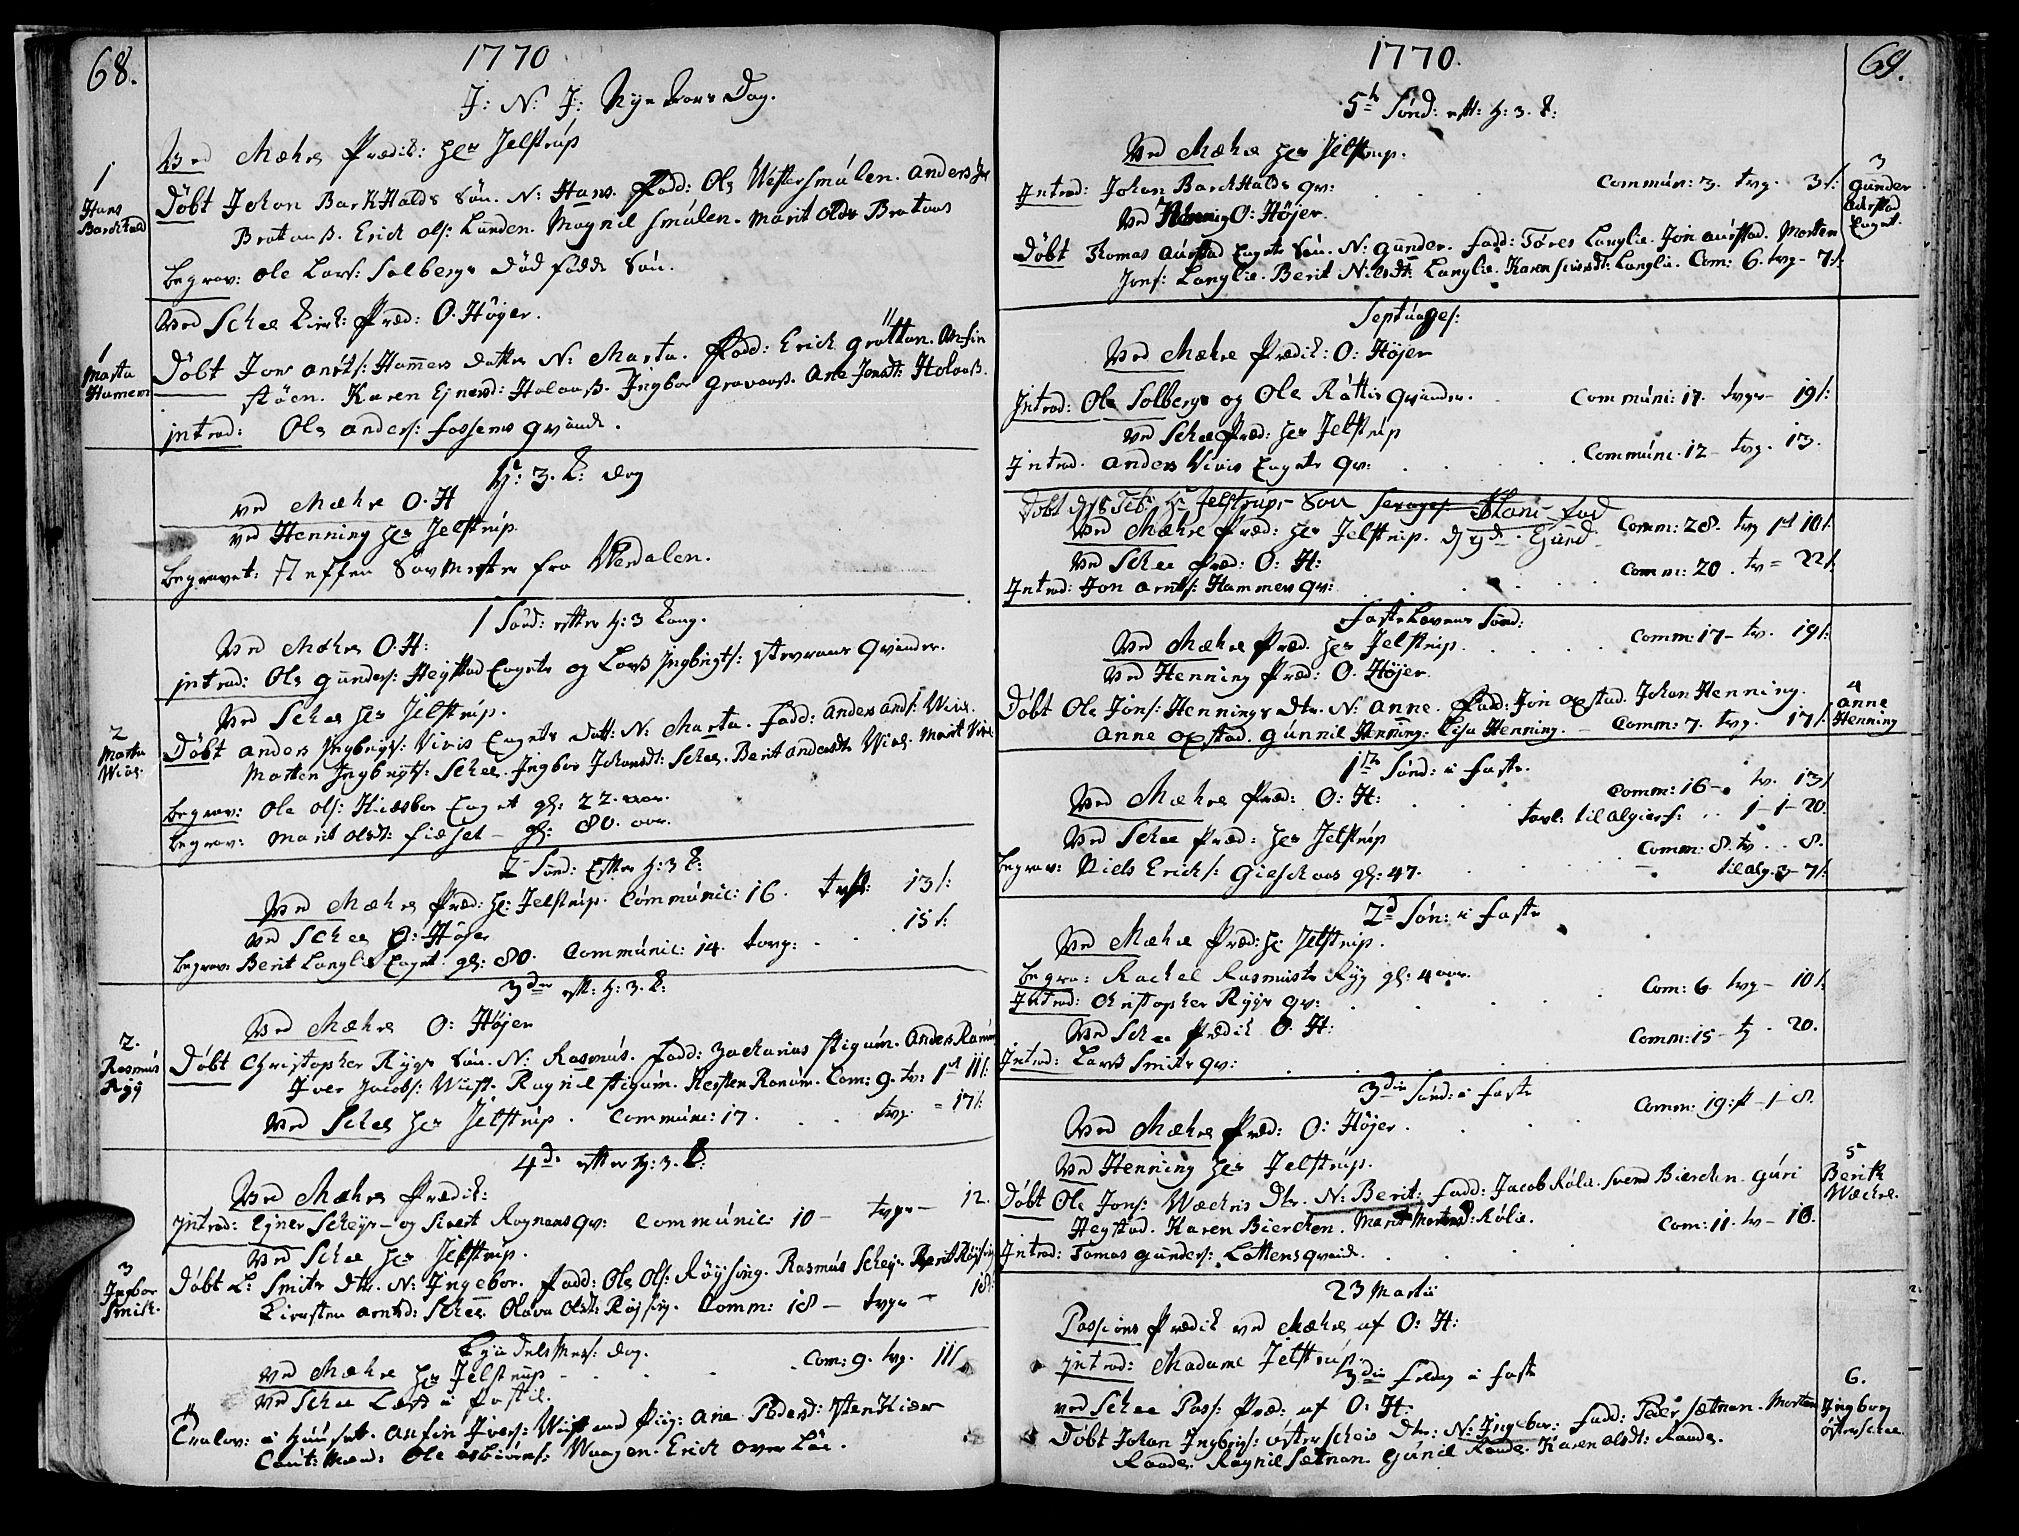 SAT, Ministerialprotokoller, klokkerbøker og fødselsregistre - Nord-Trøndelag, 735/L0331: Ministerialbok nr. 735A02, 1762-1794, s. 68-69